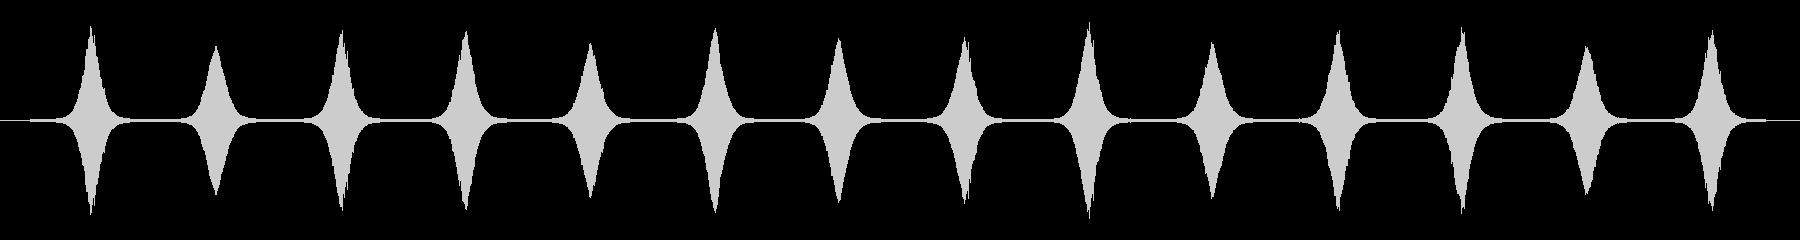 スピニングスペースドップラーの未再生の波形